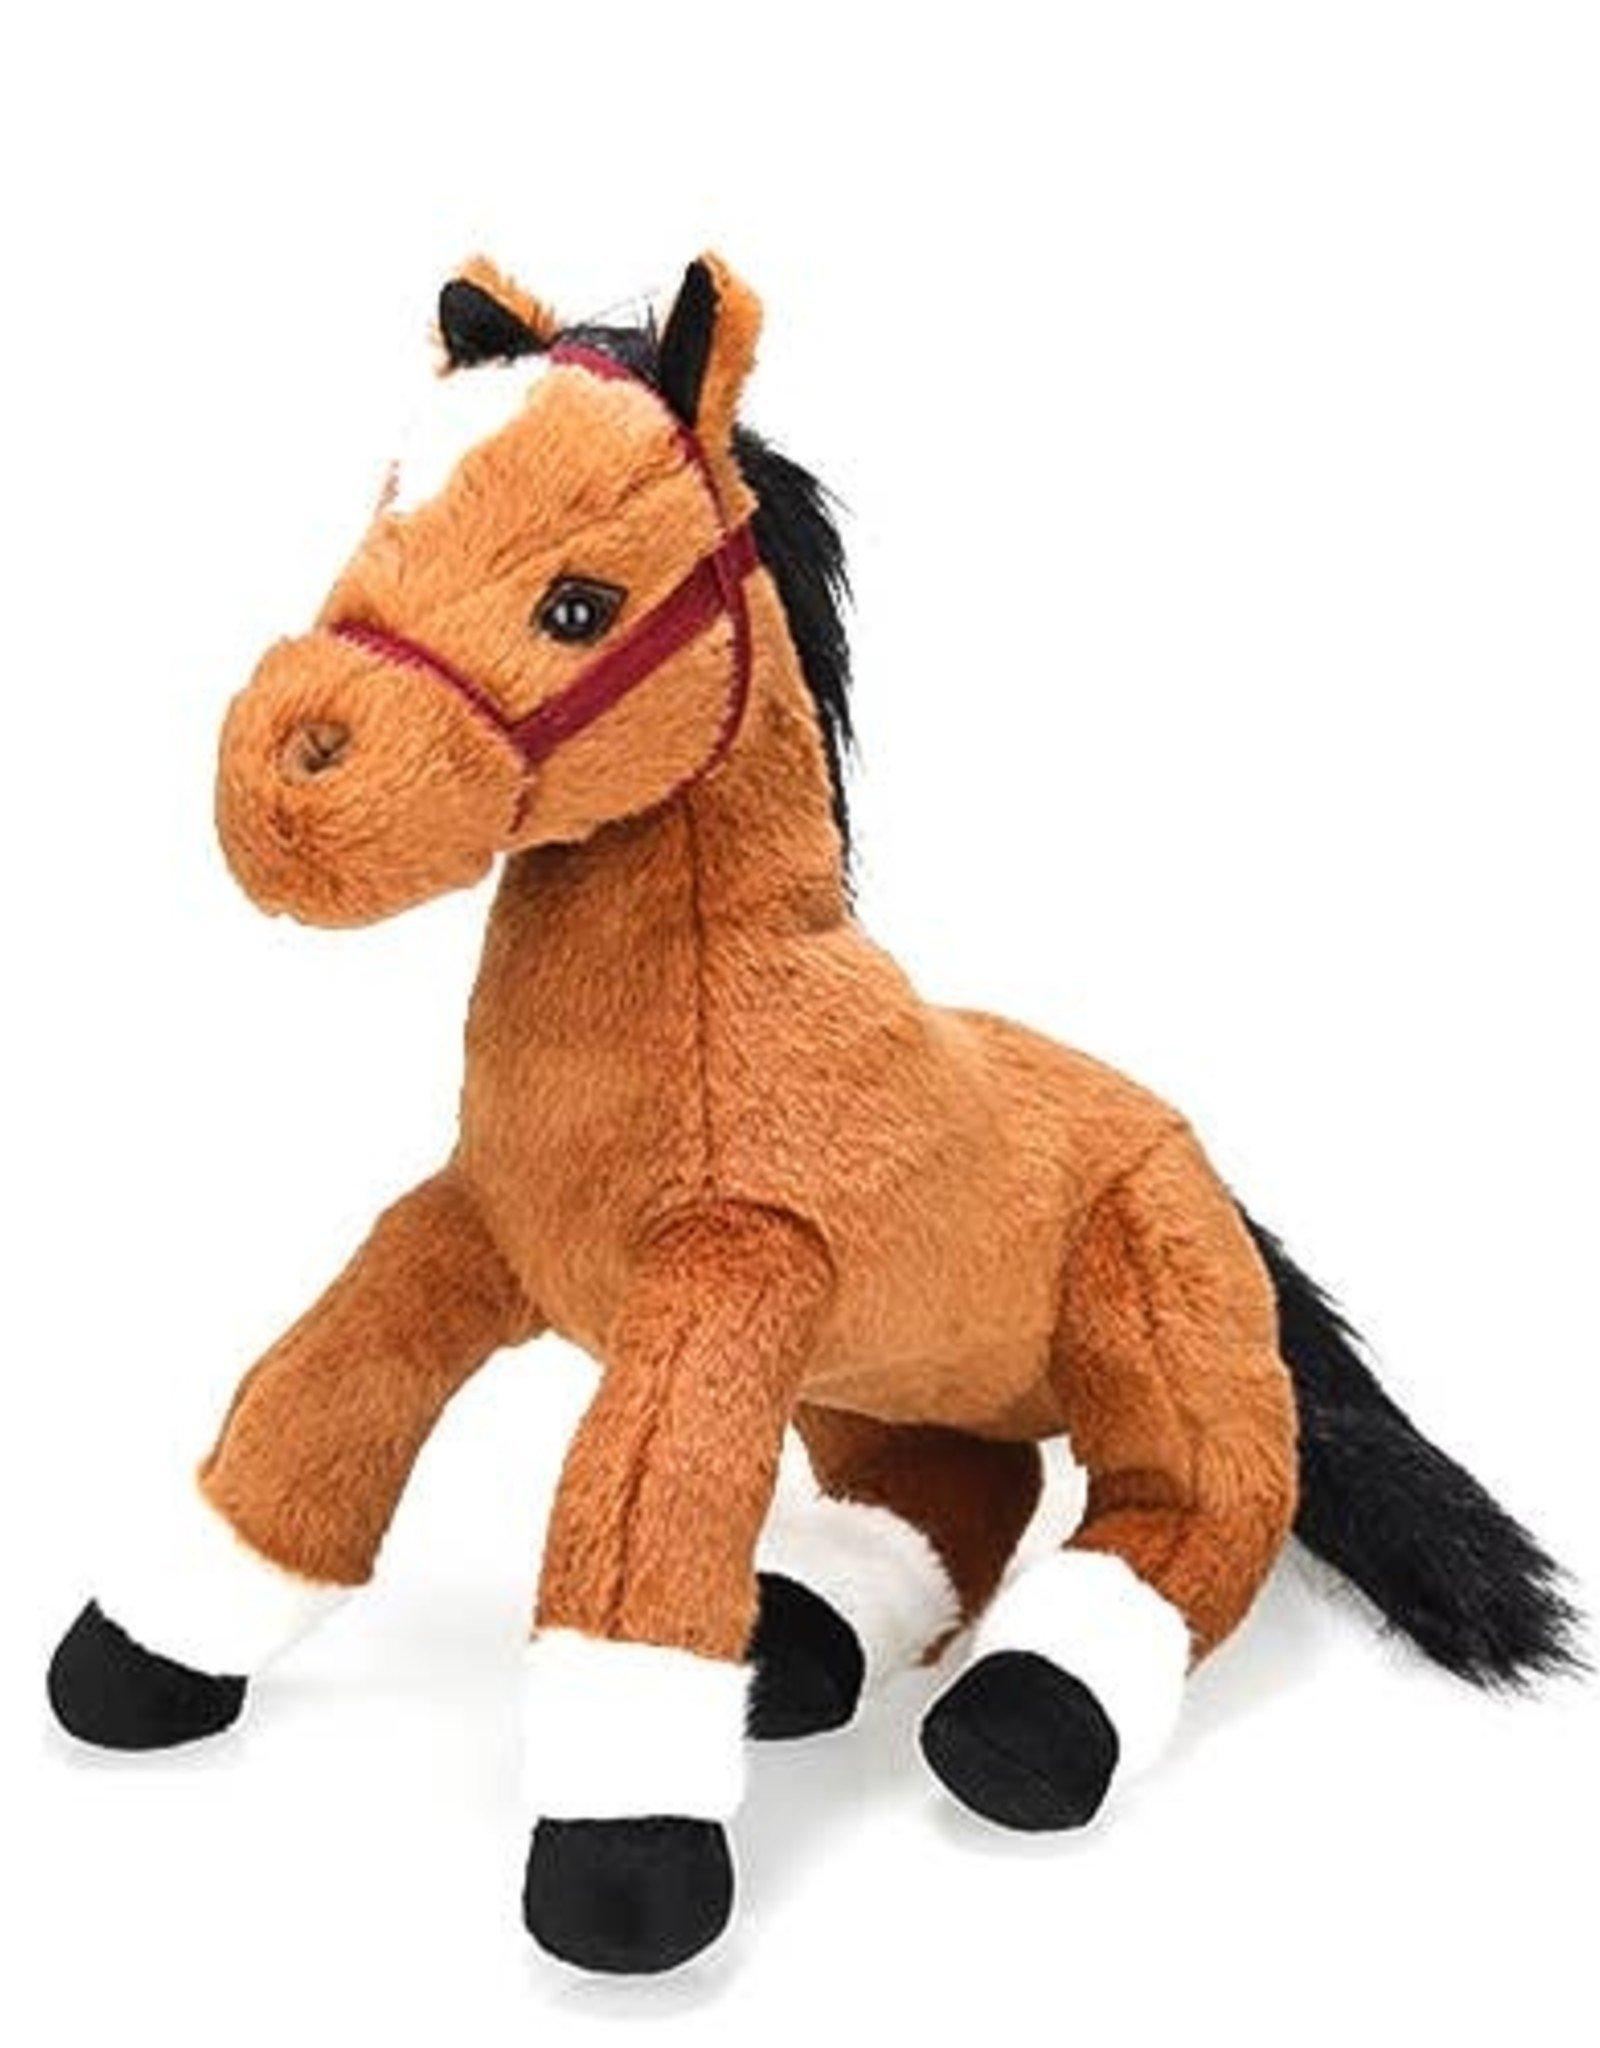 Plushland Horse Plush